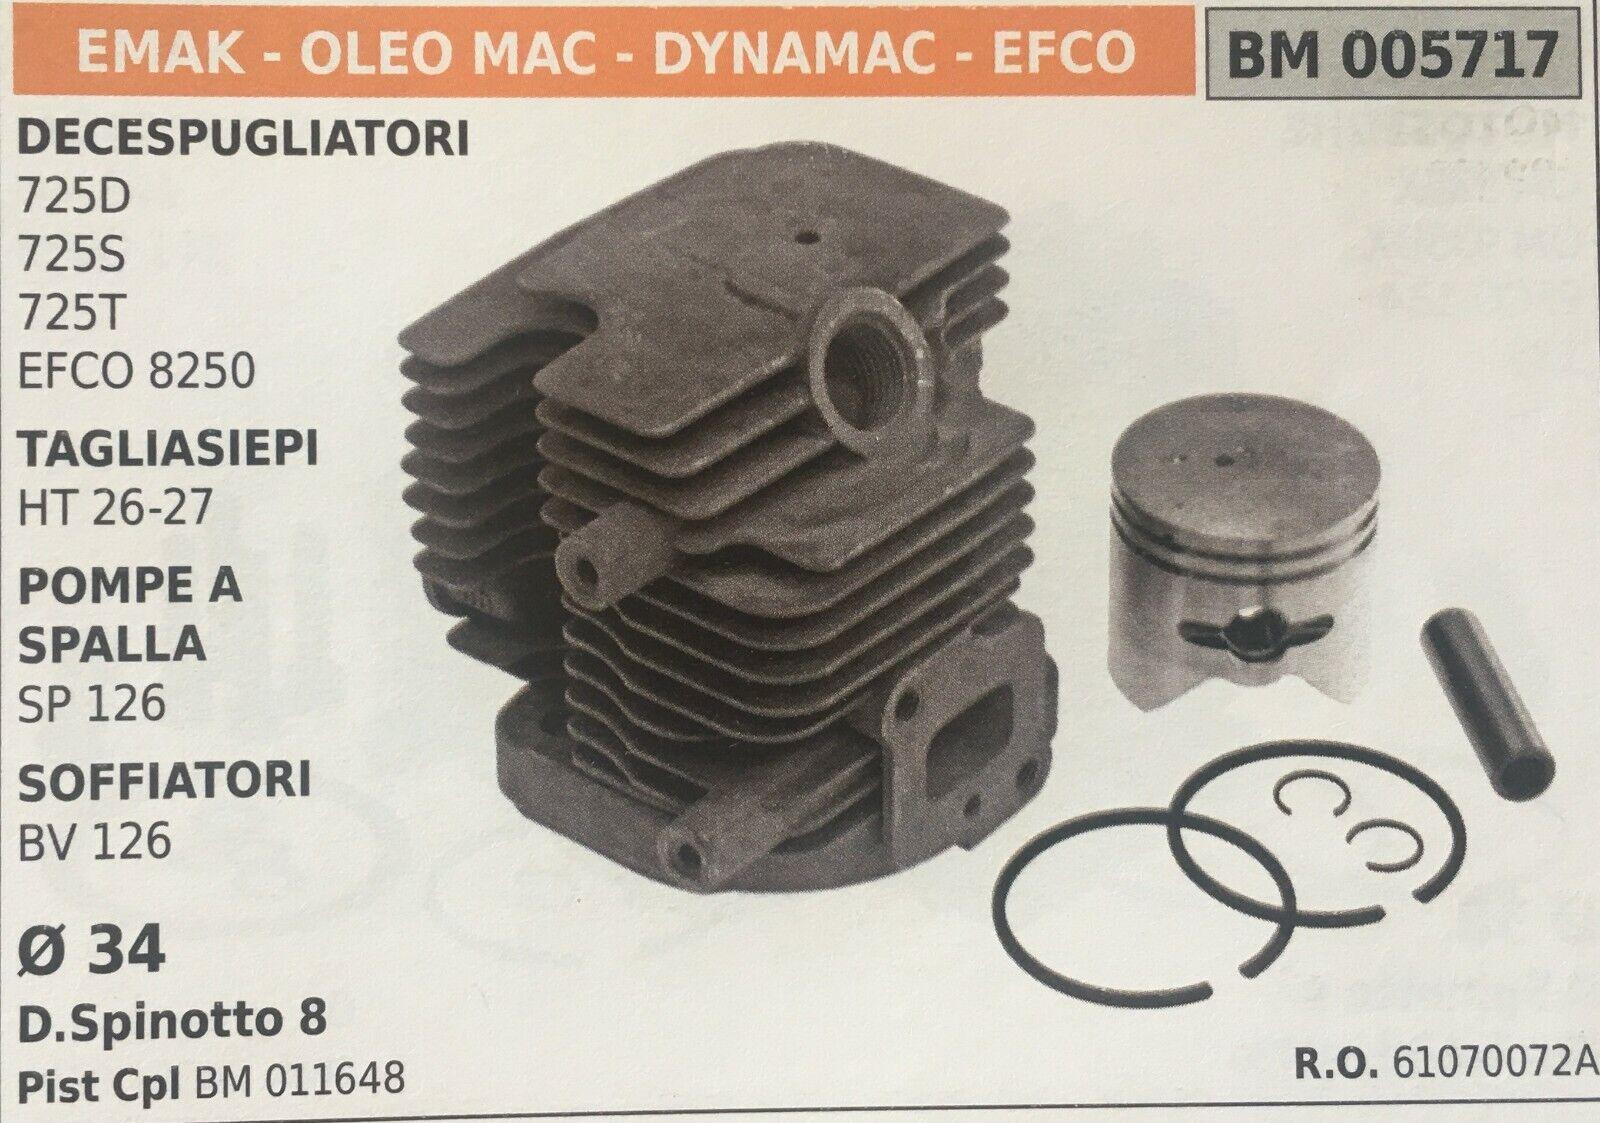 Cilindro Completo por Pistón y Segmentos Brumar BM005717 Emak-Oleo Mac y Otros